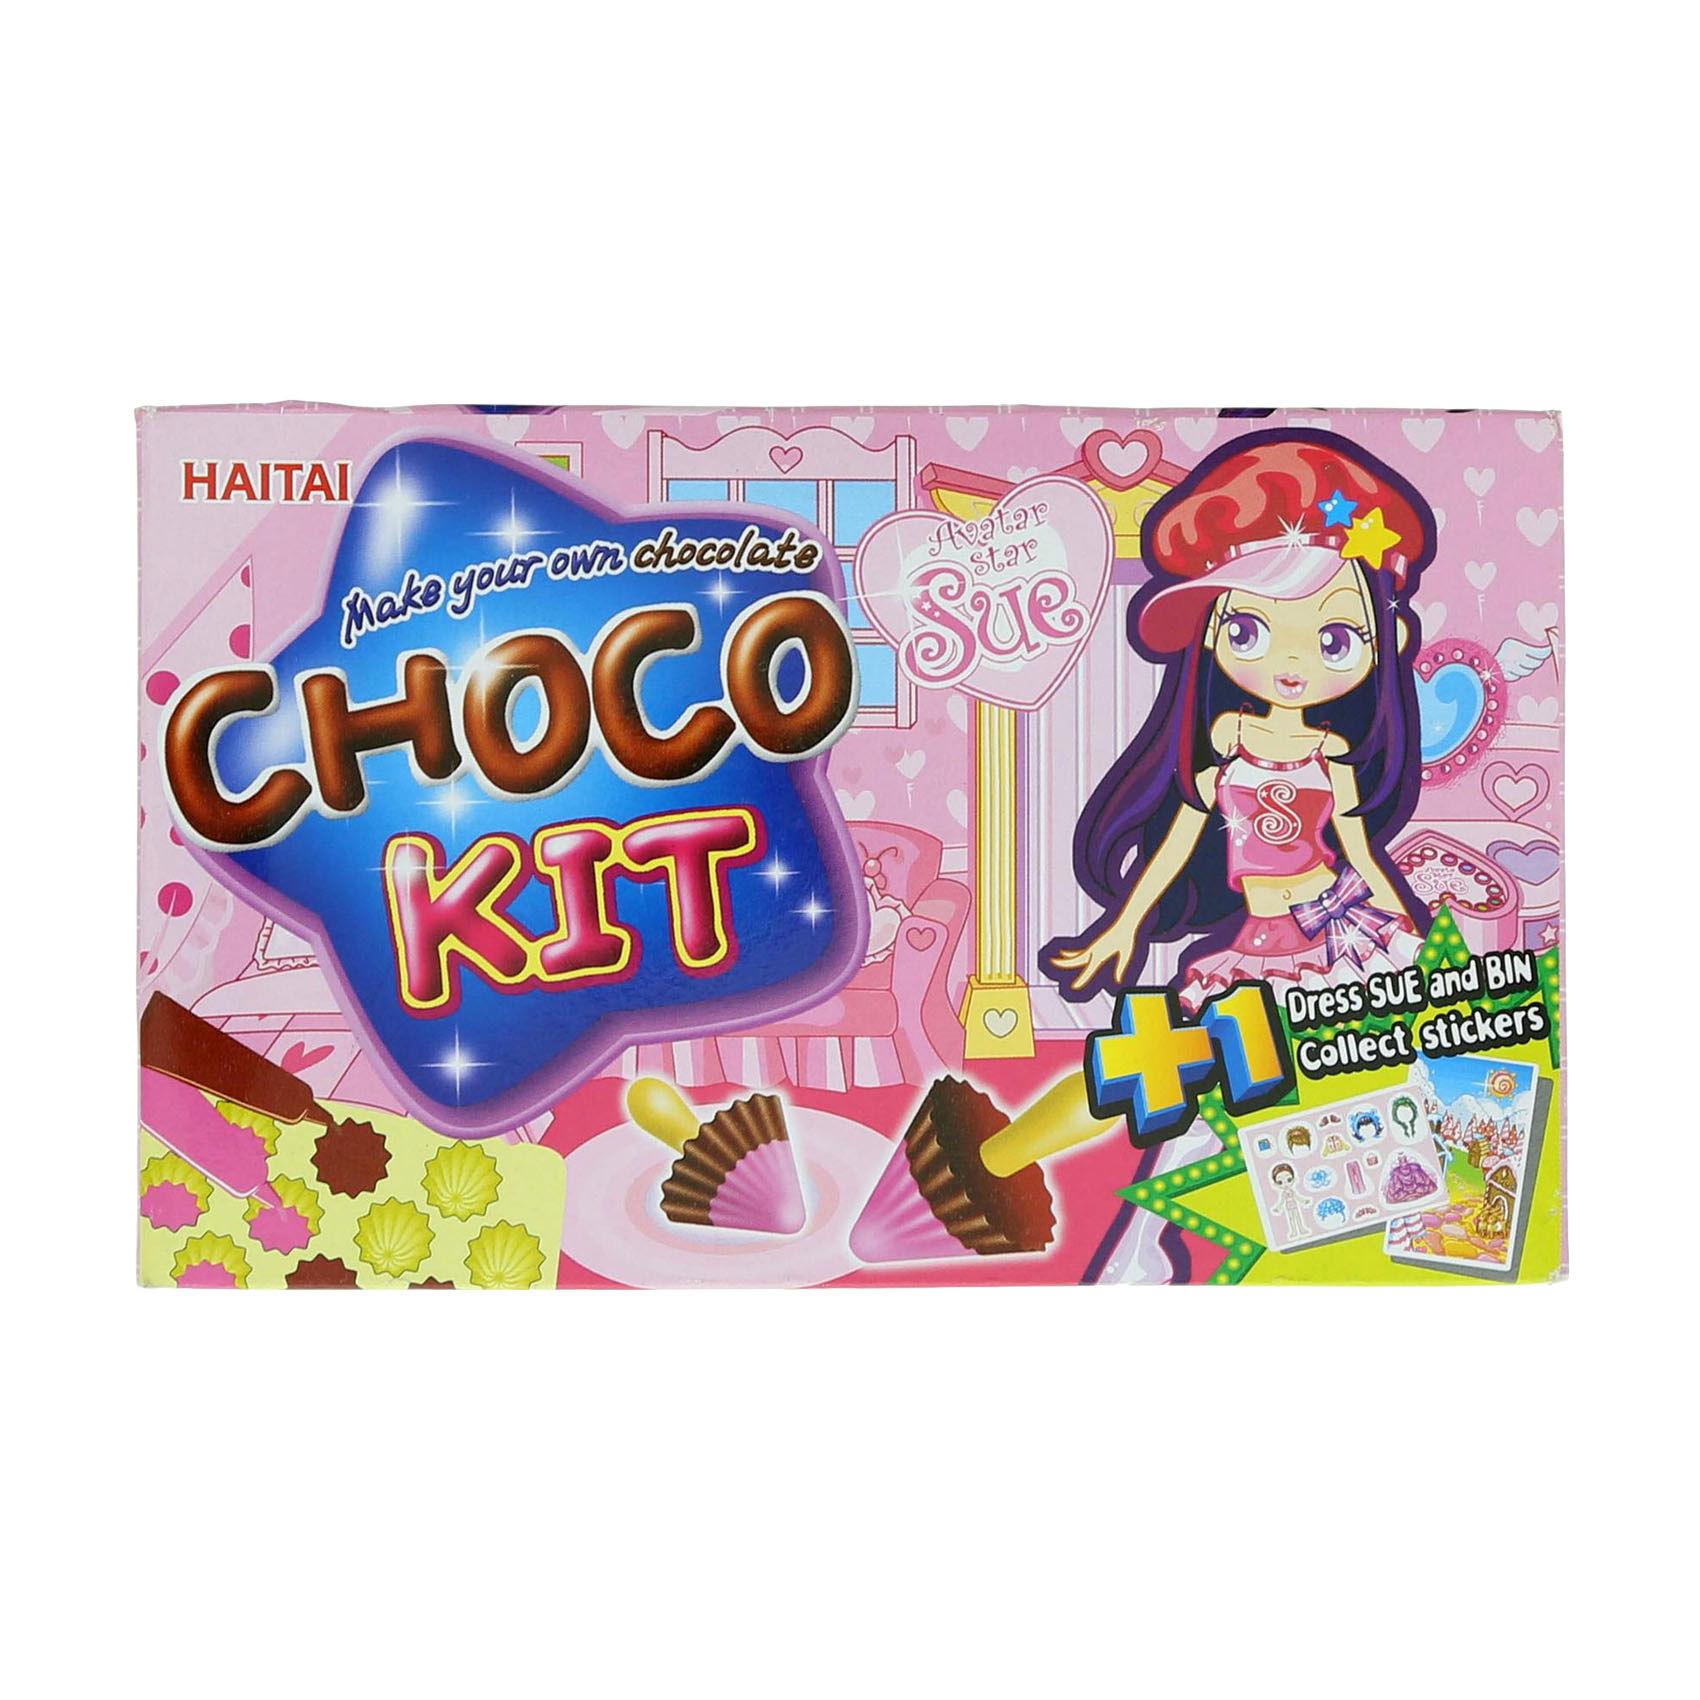 HAITAI CHOCO KIT 46.3G